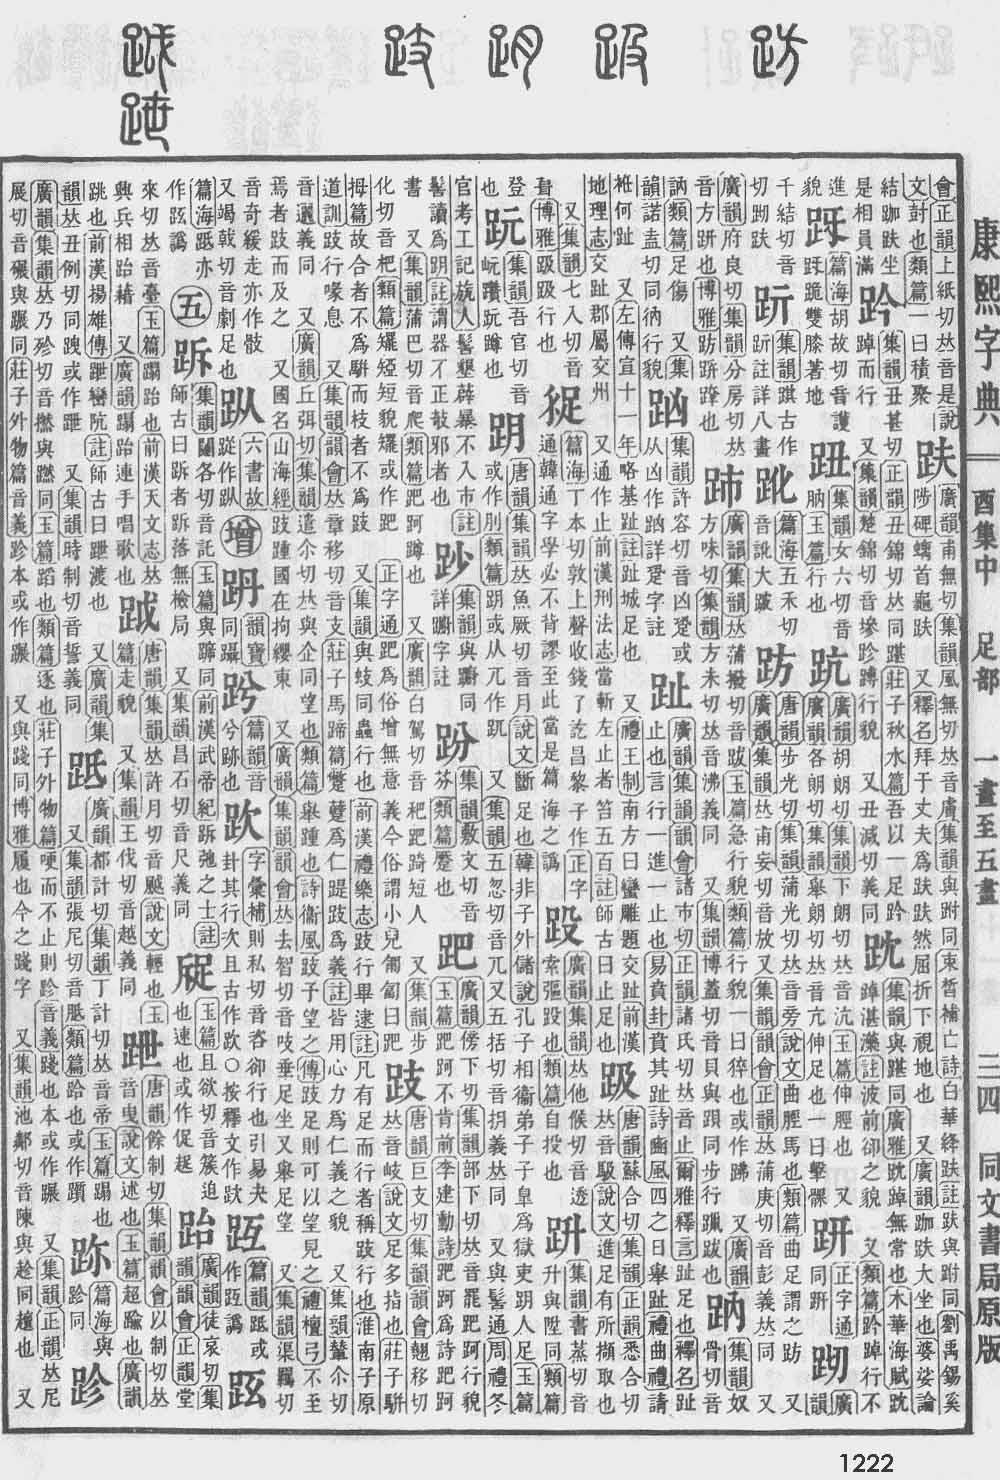 《康熙字典》第1222页